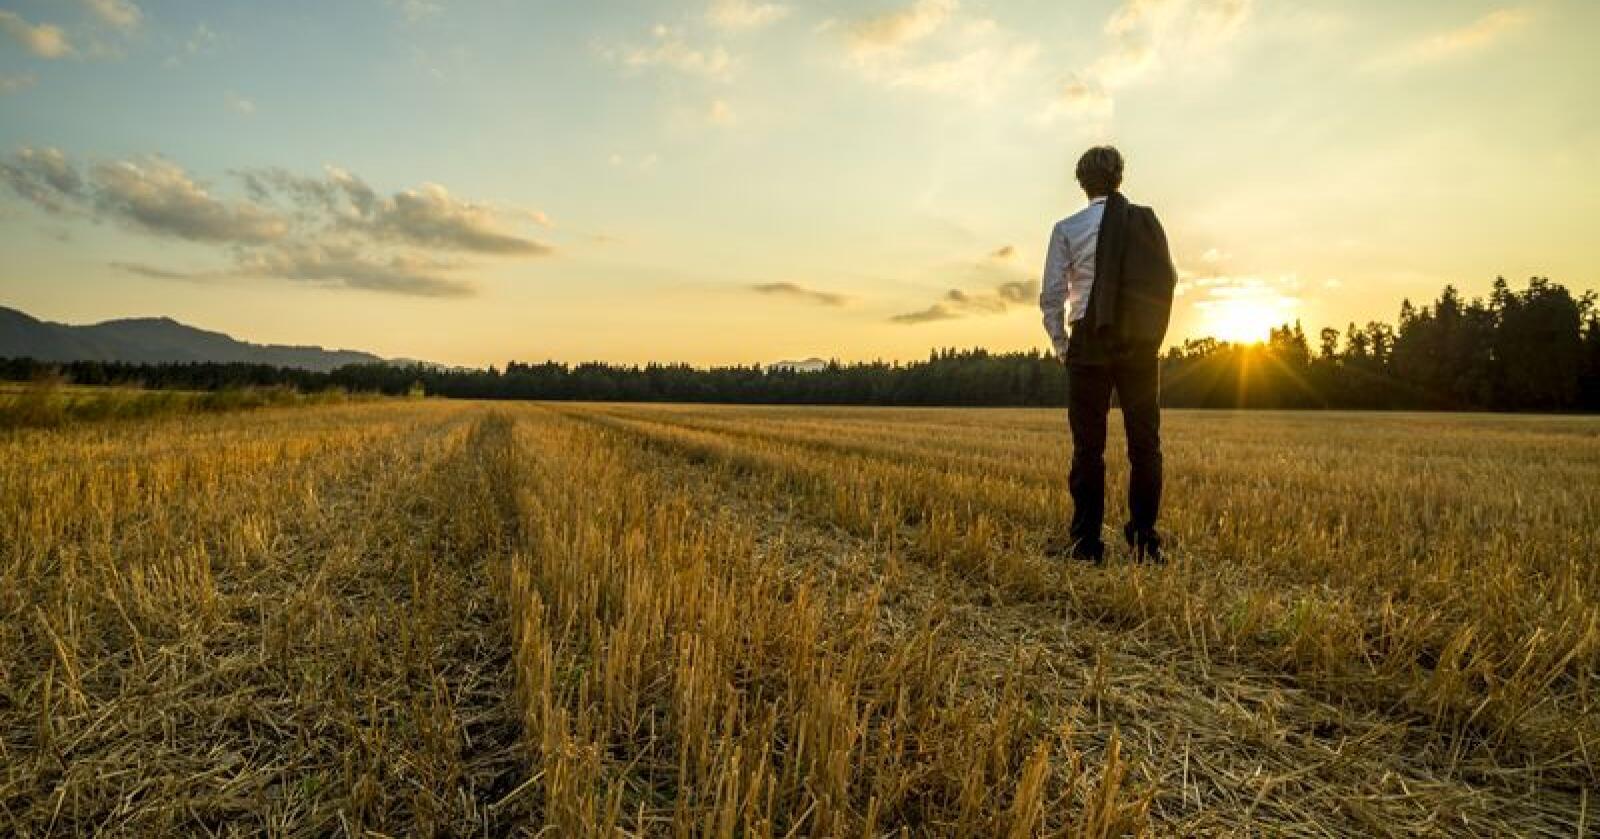 Kun 19 prosent av de spurte svarte at de hadde planer om å pensjonere seg fullt og helt fra gårdsarbeidet. Foto: Shutterstock/Gajus